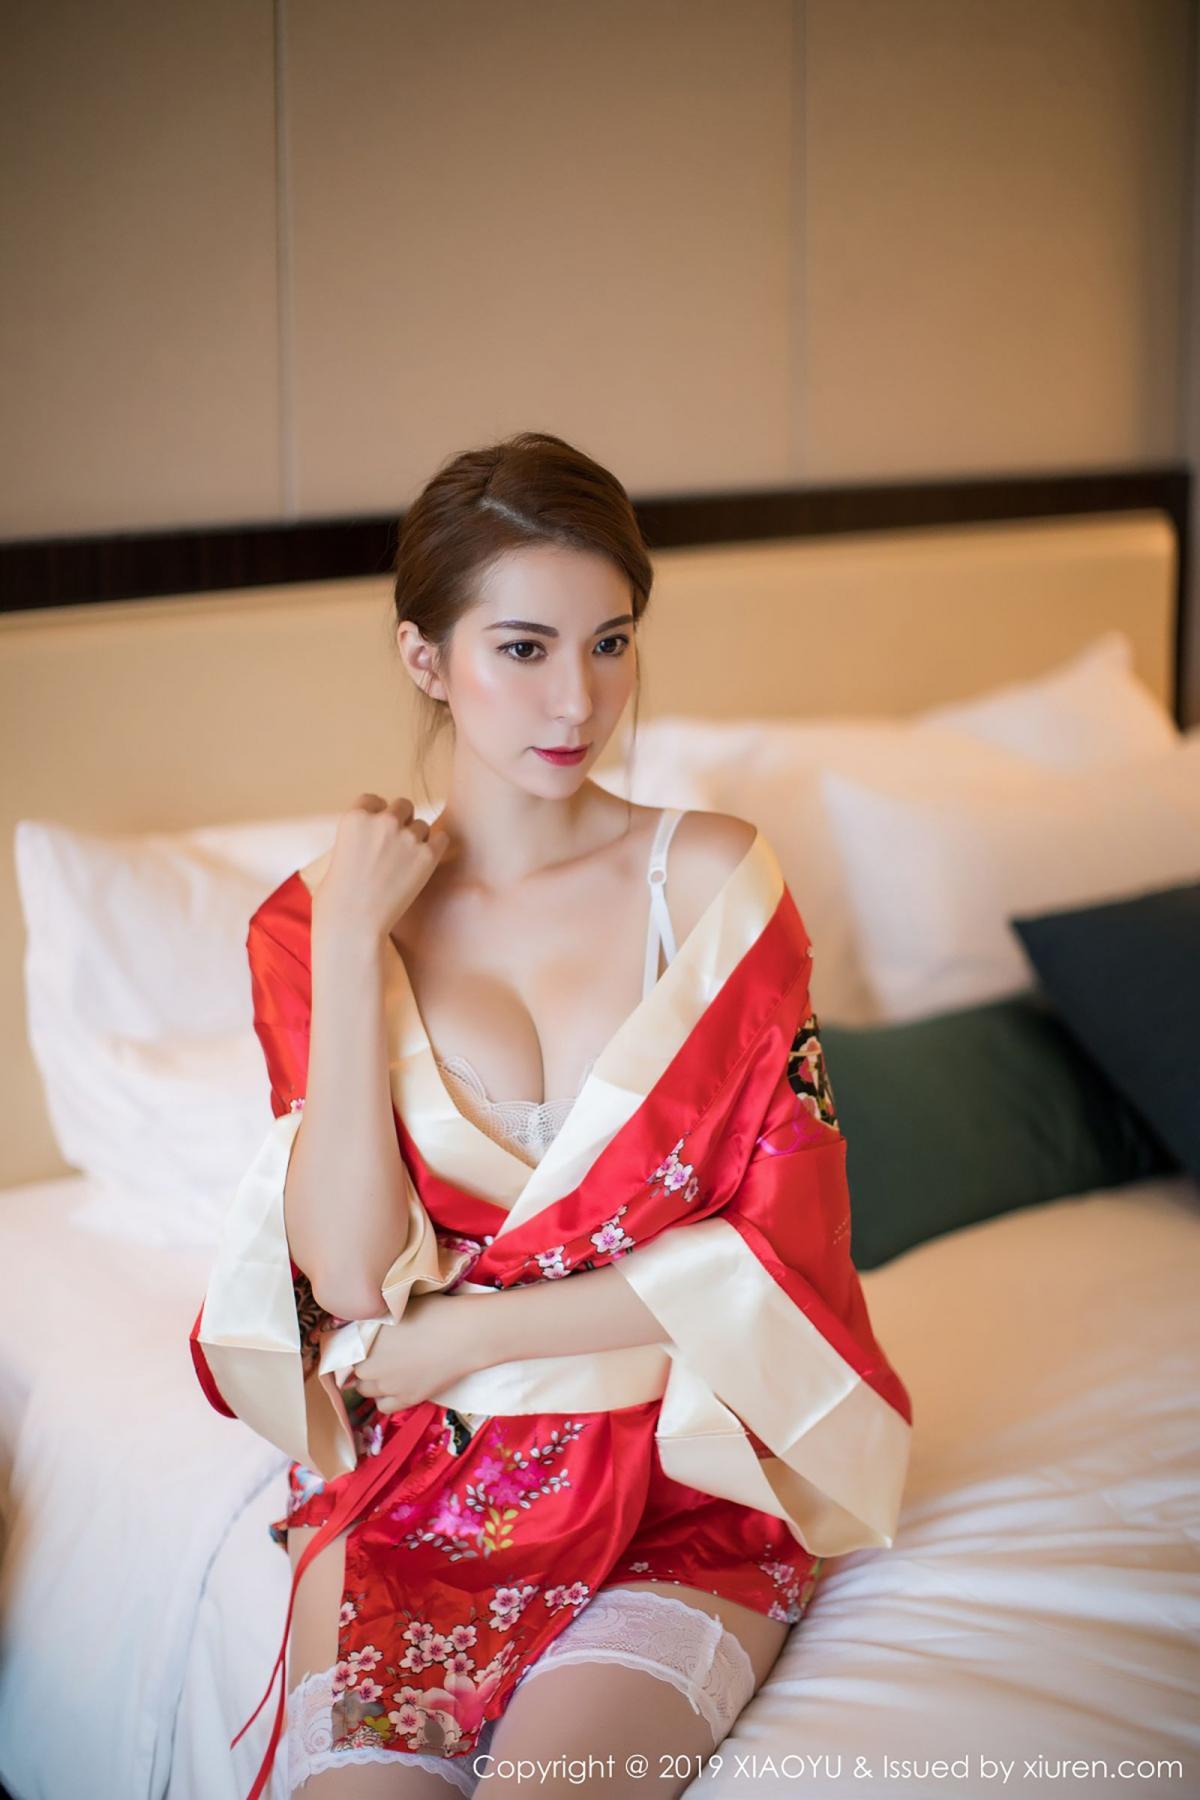 [XiaoYu] Vol.014 Chen Liang Ling 38P, Chen Liang Ling, Kimono, Tall, XiaoYu